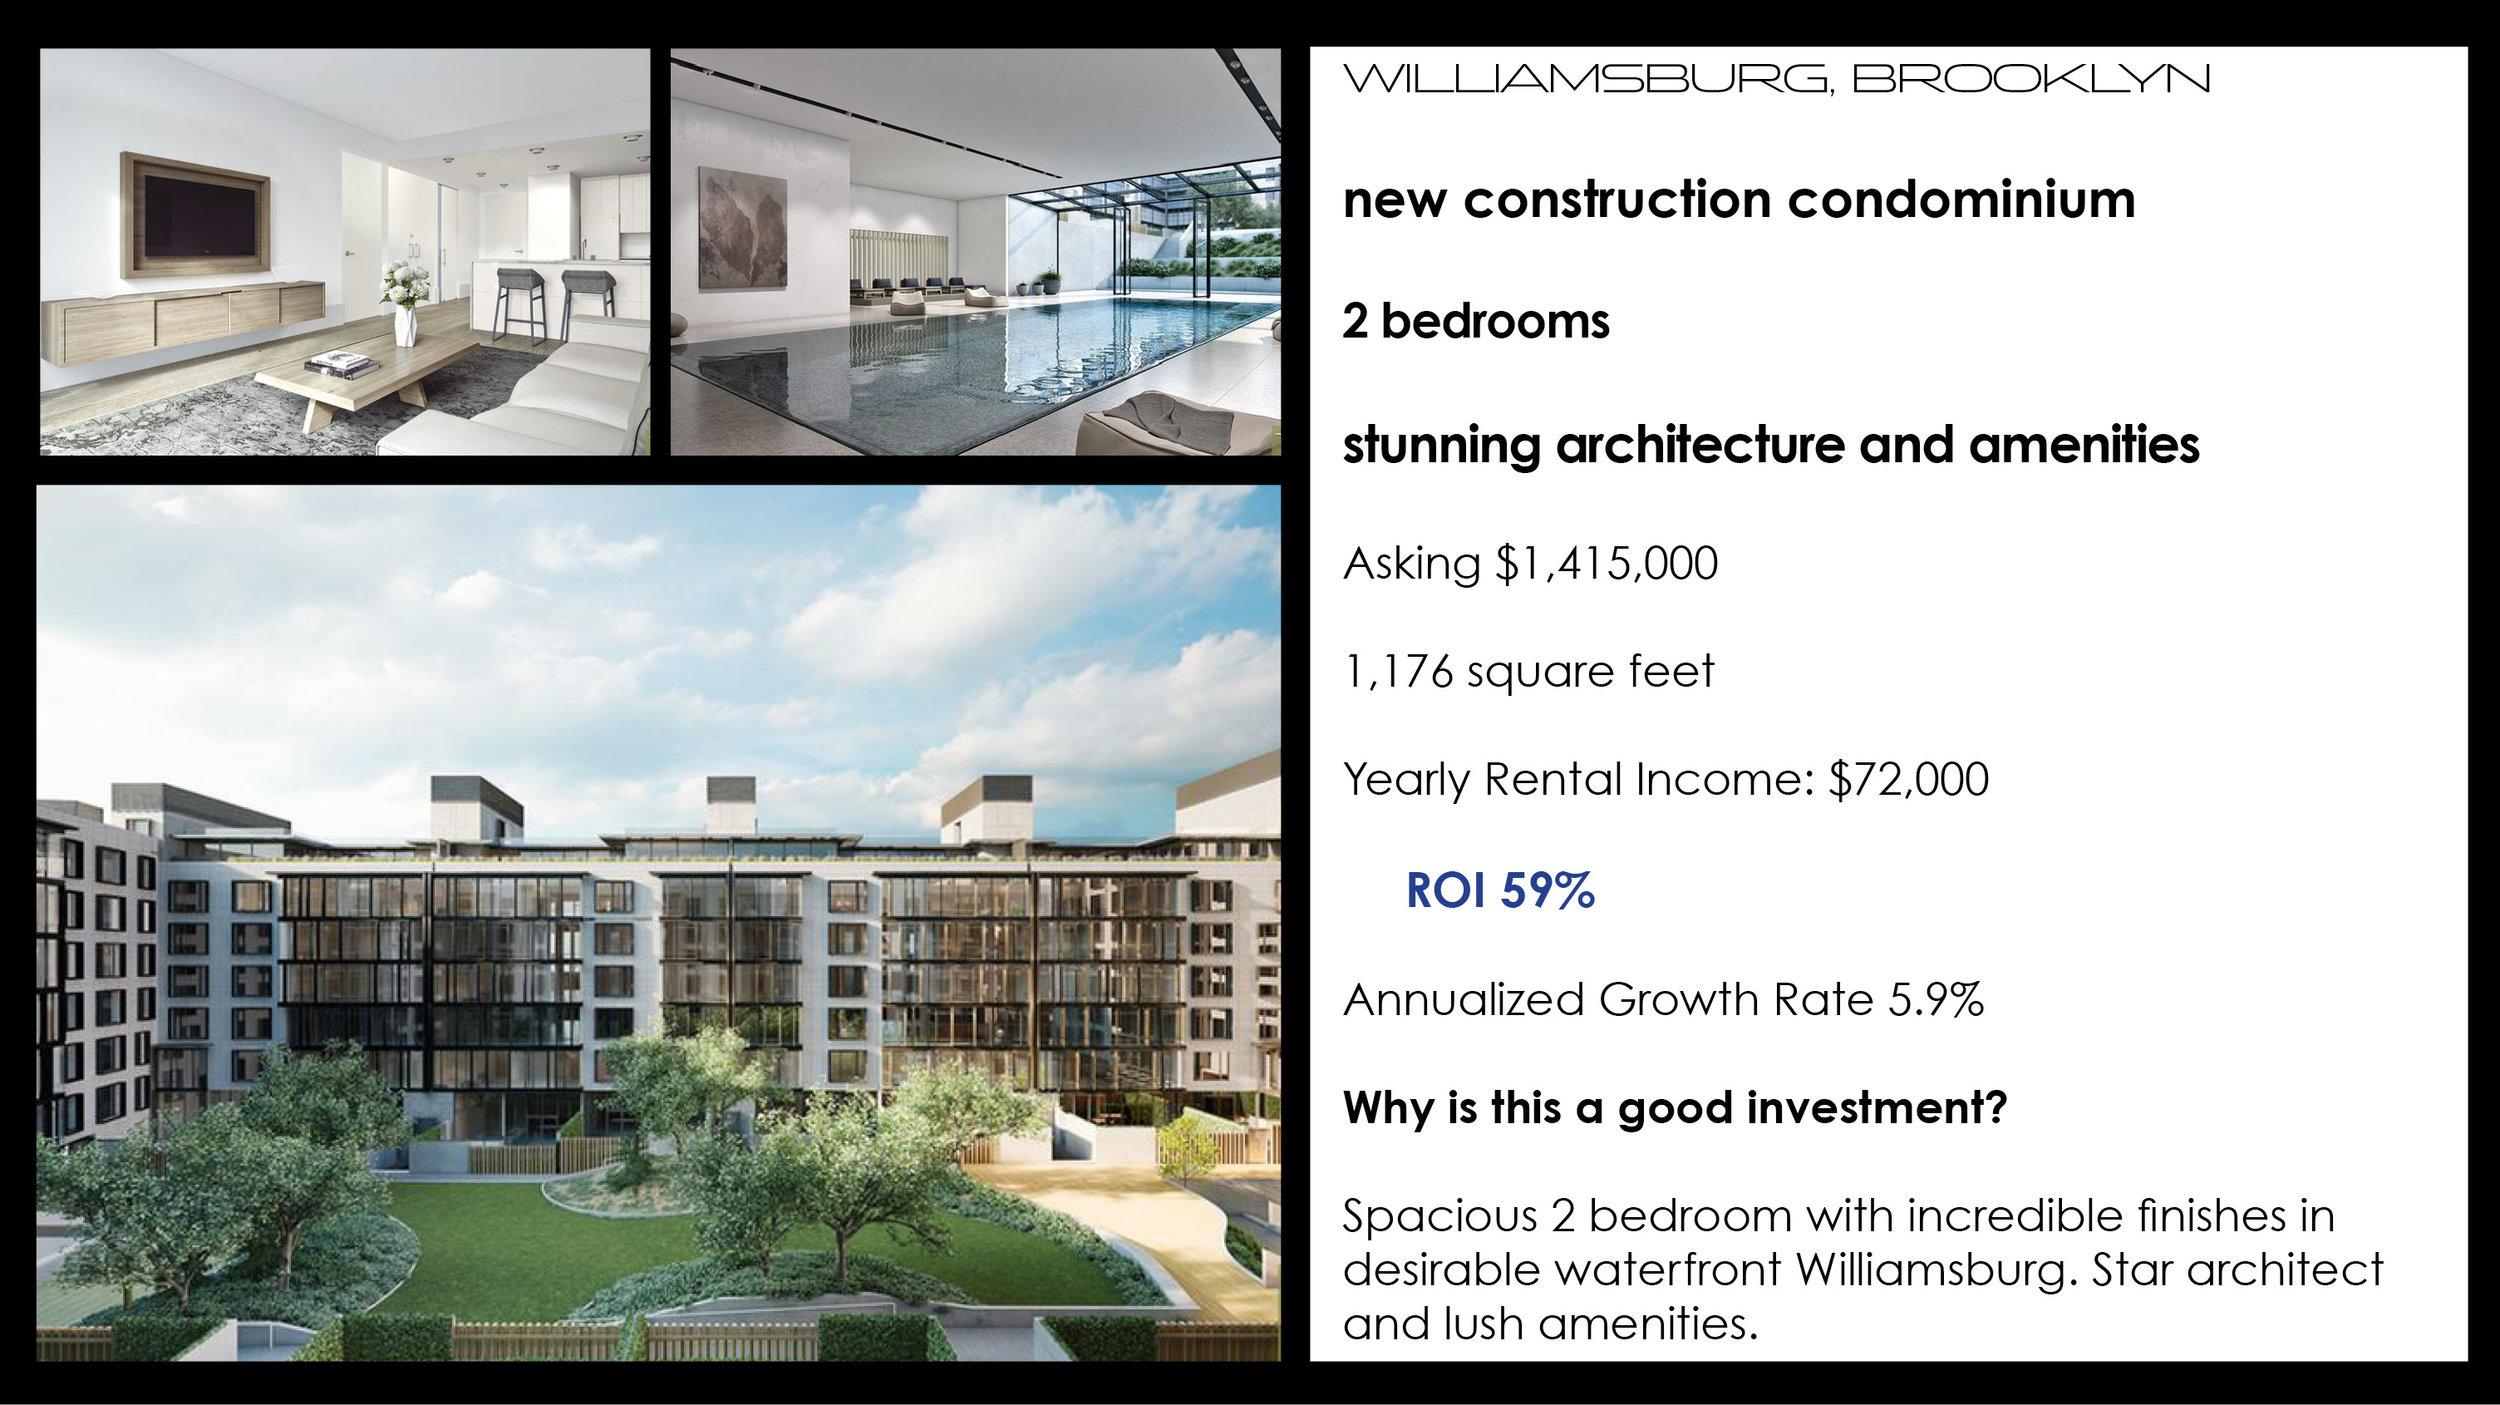 Investment Property Slides7.jpg